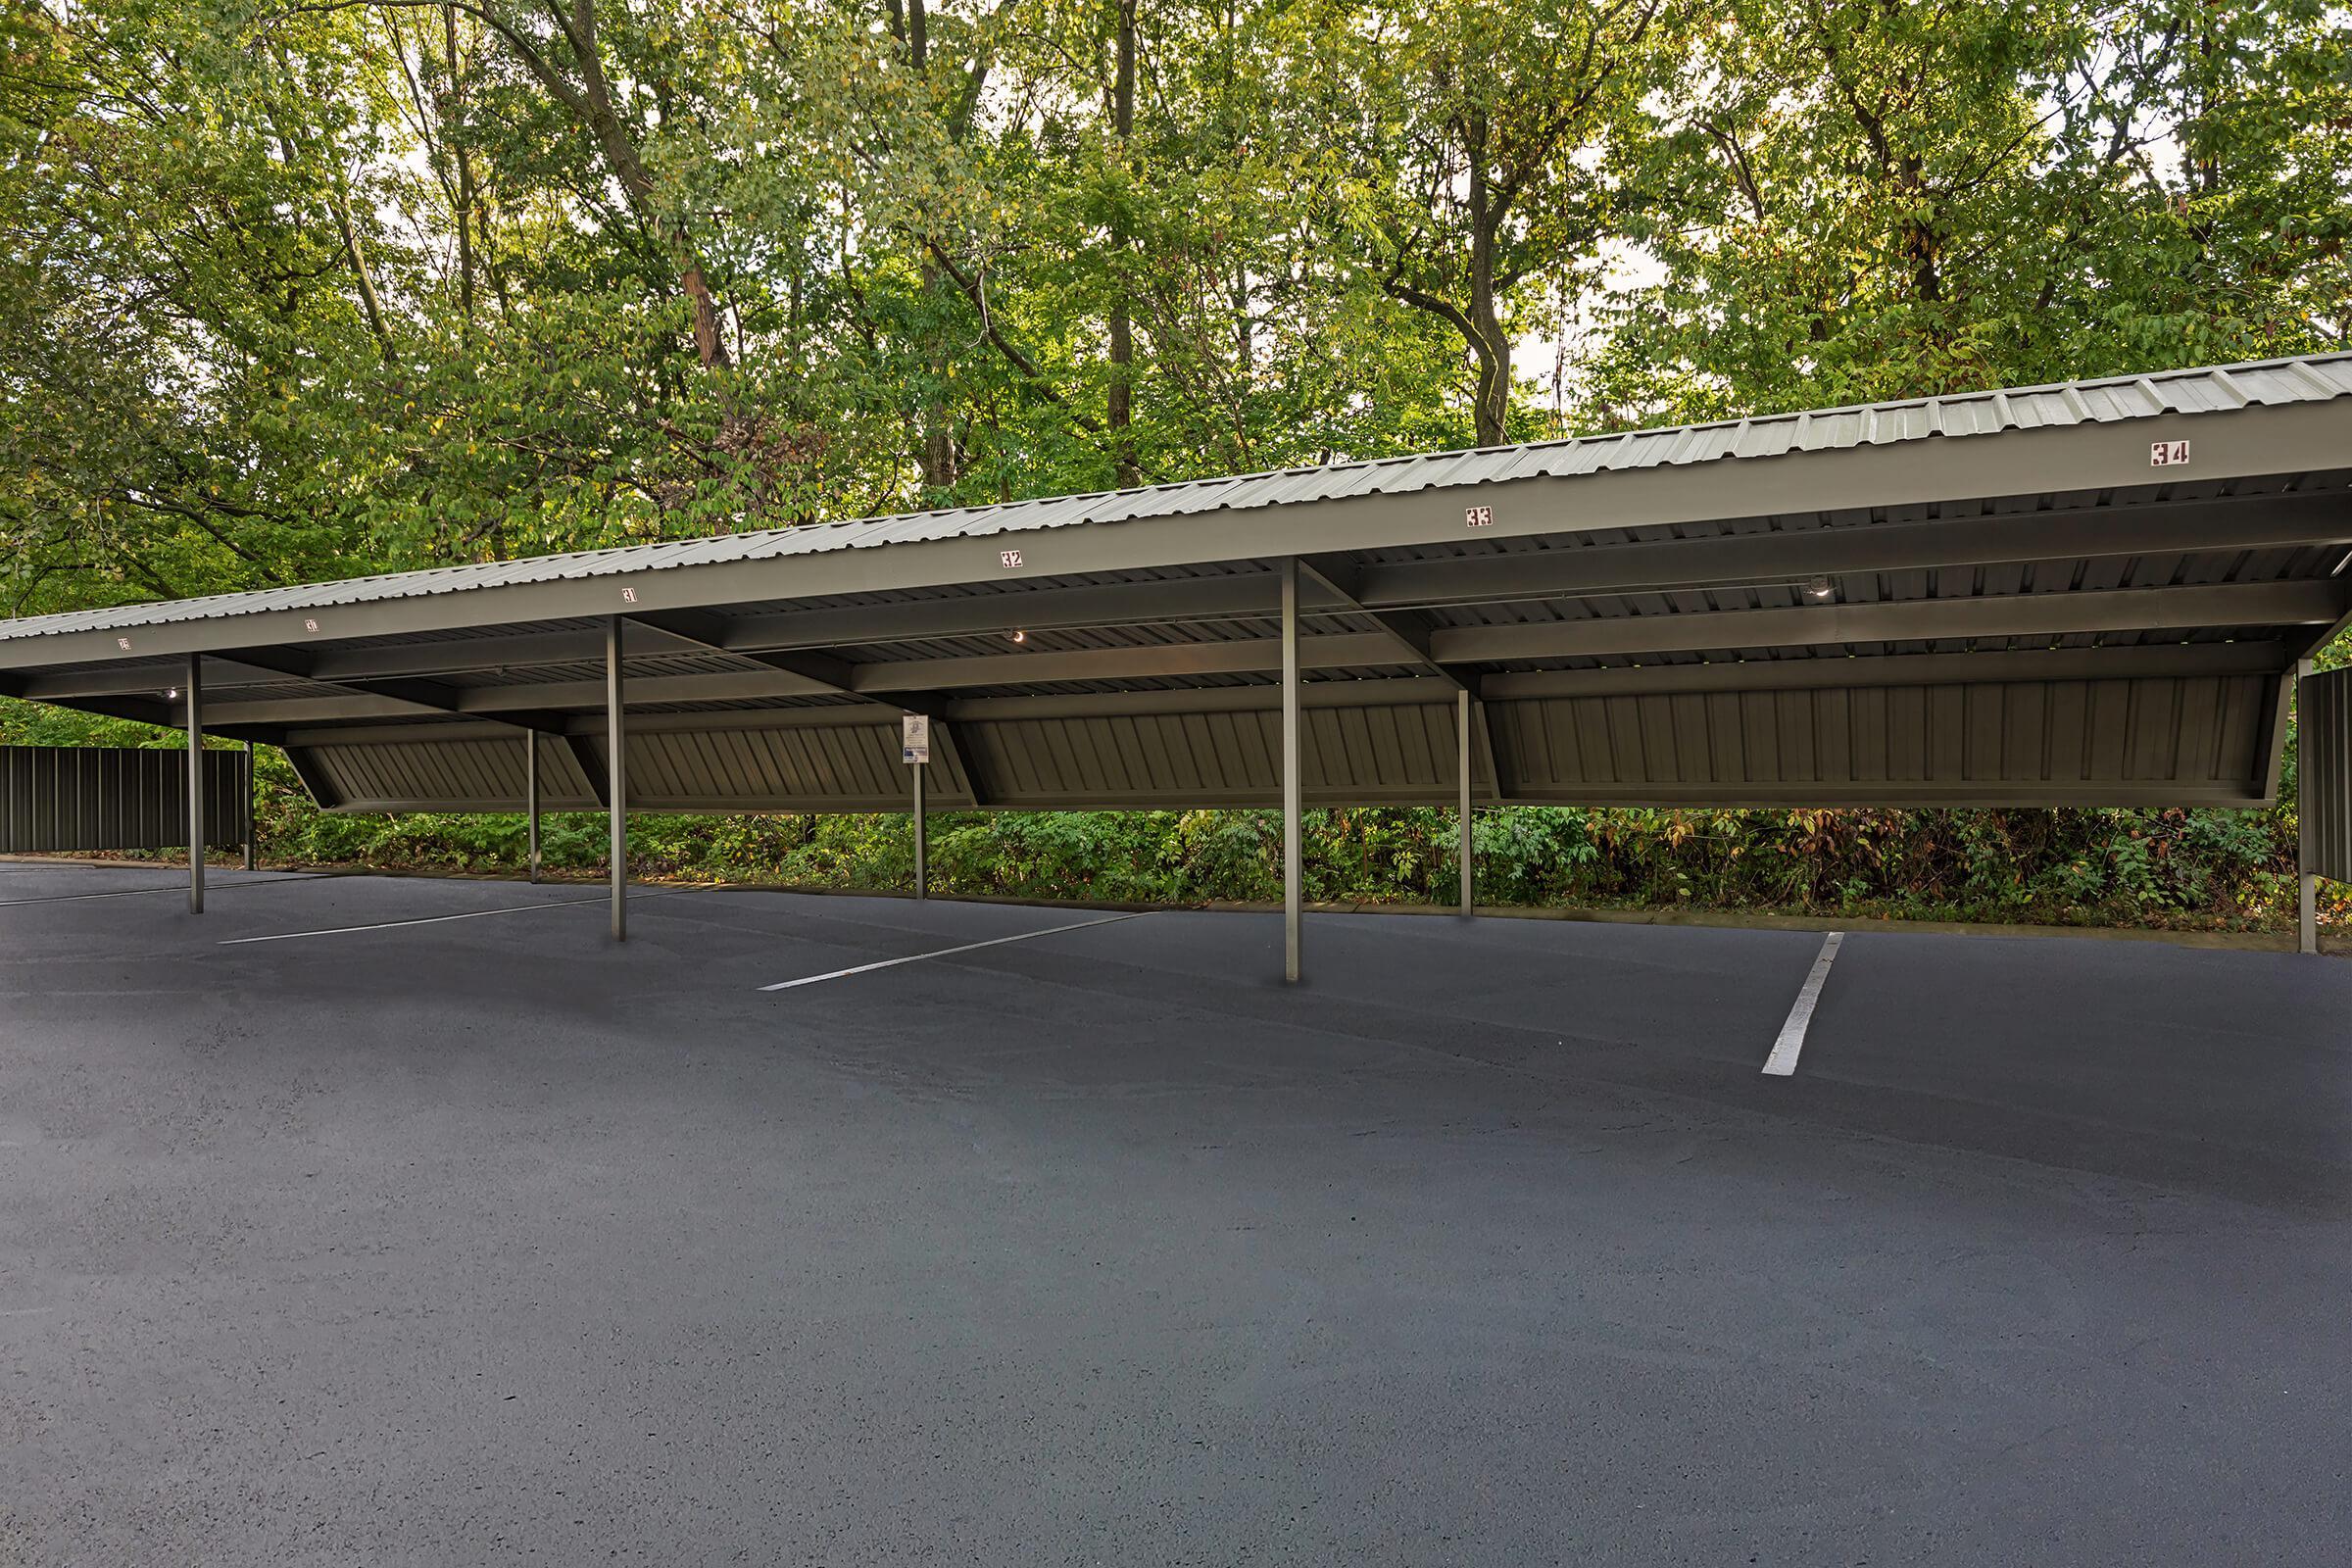 a large empty parking lot